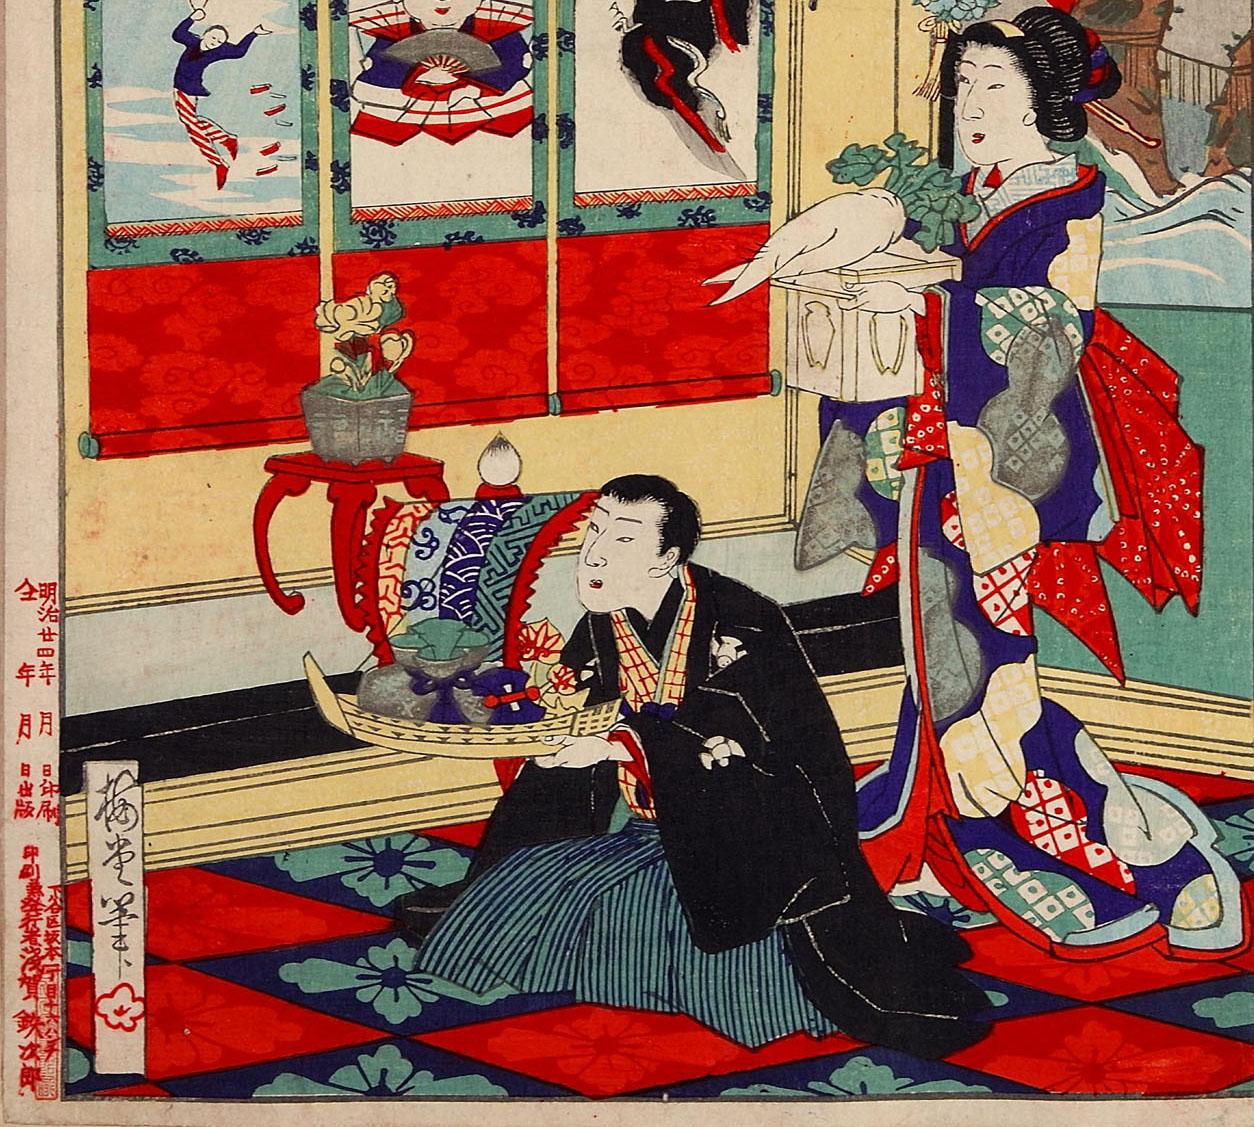 「金性の人」 明治24年(部分) 画:歌川国貞(3世)都立中央図書館特別文庫室所蔵